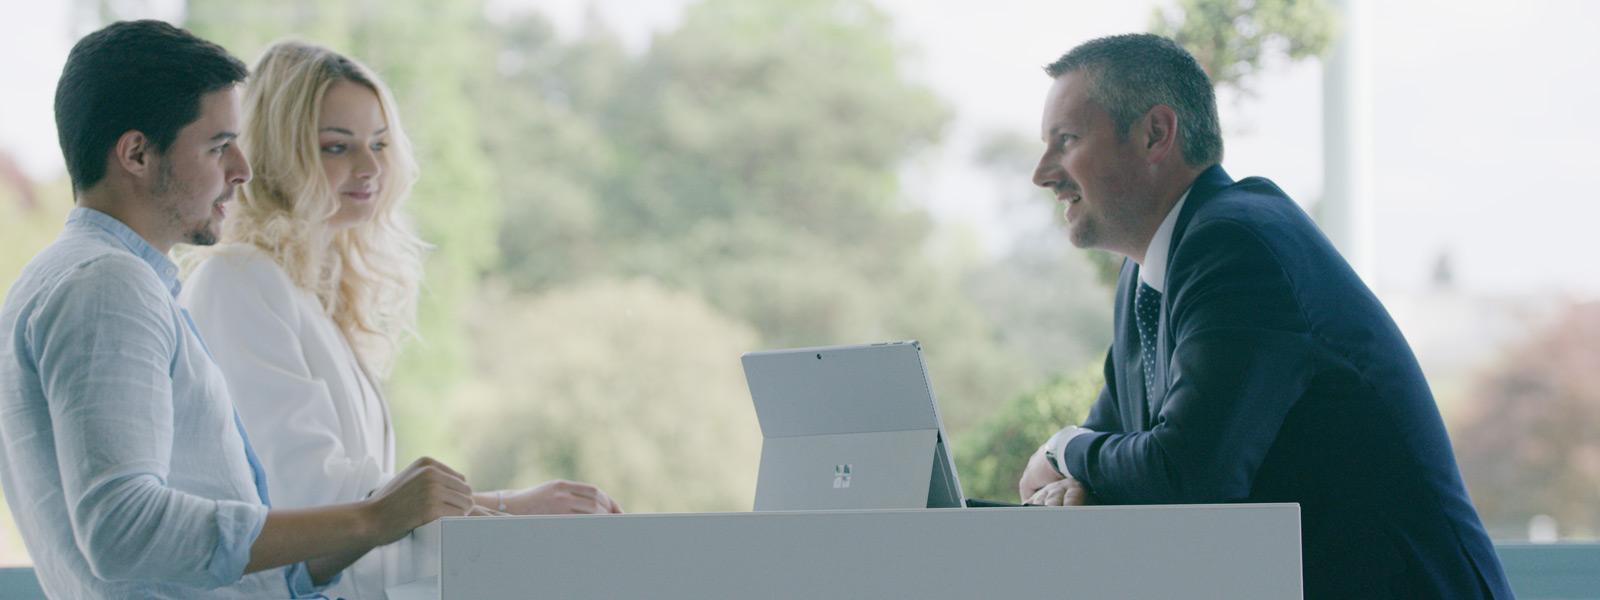 Trois personnes assises à un bureau avec une SurfacePro avec un arrière-plan extérieur.